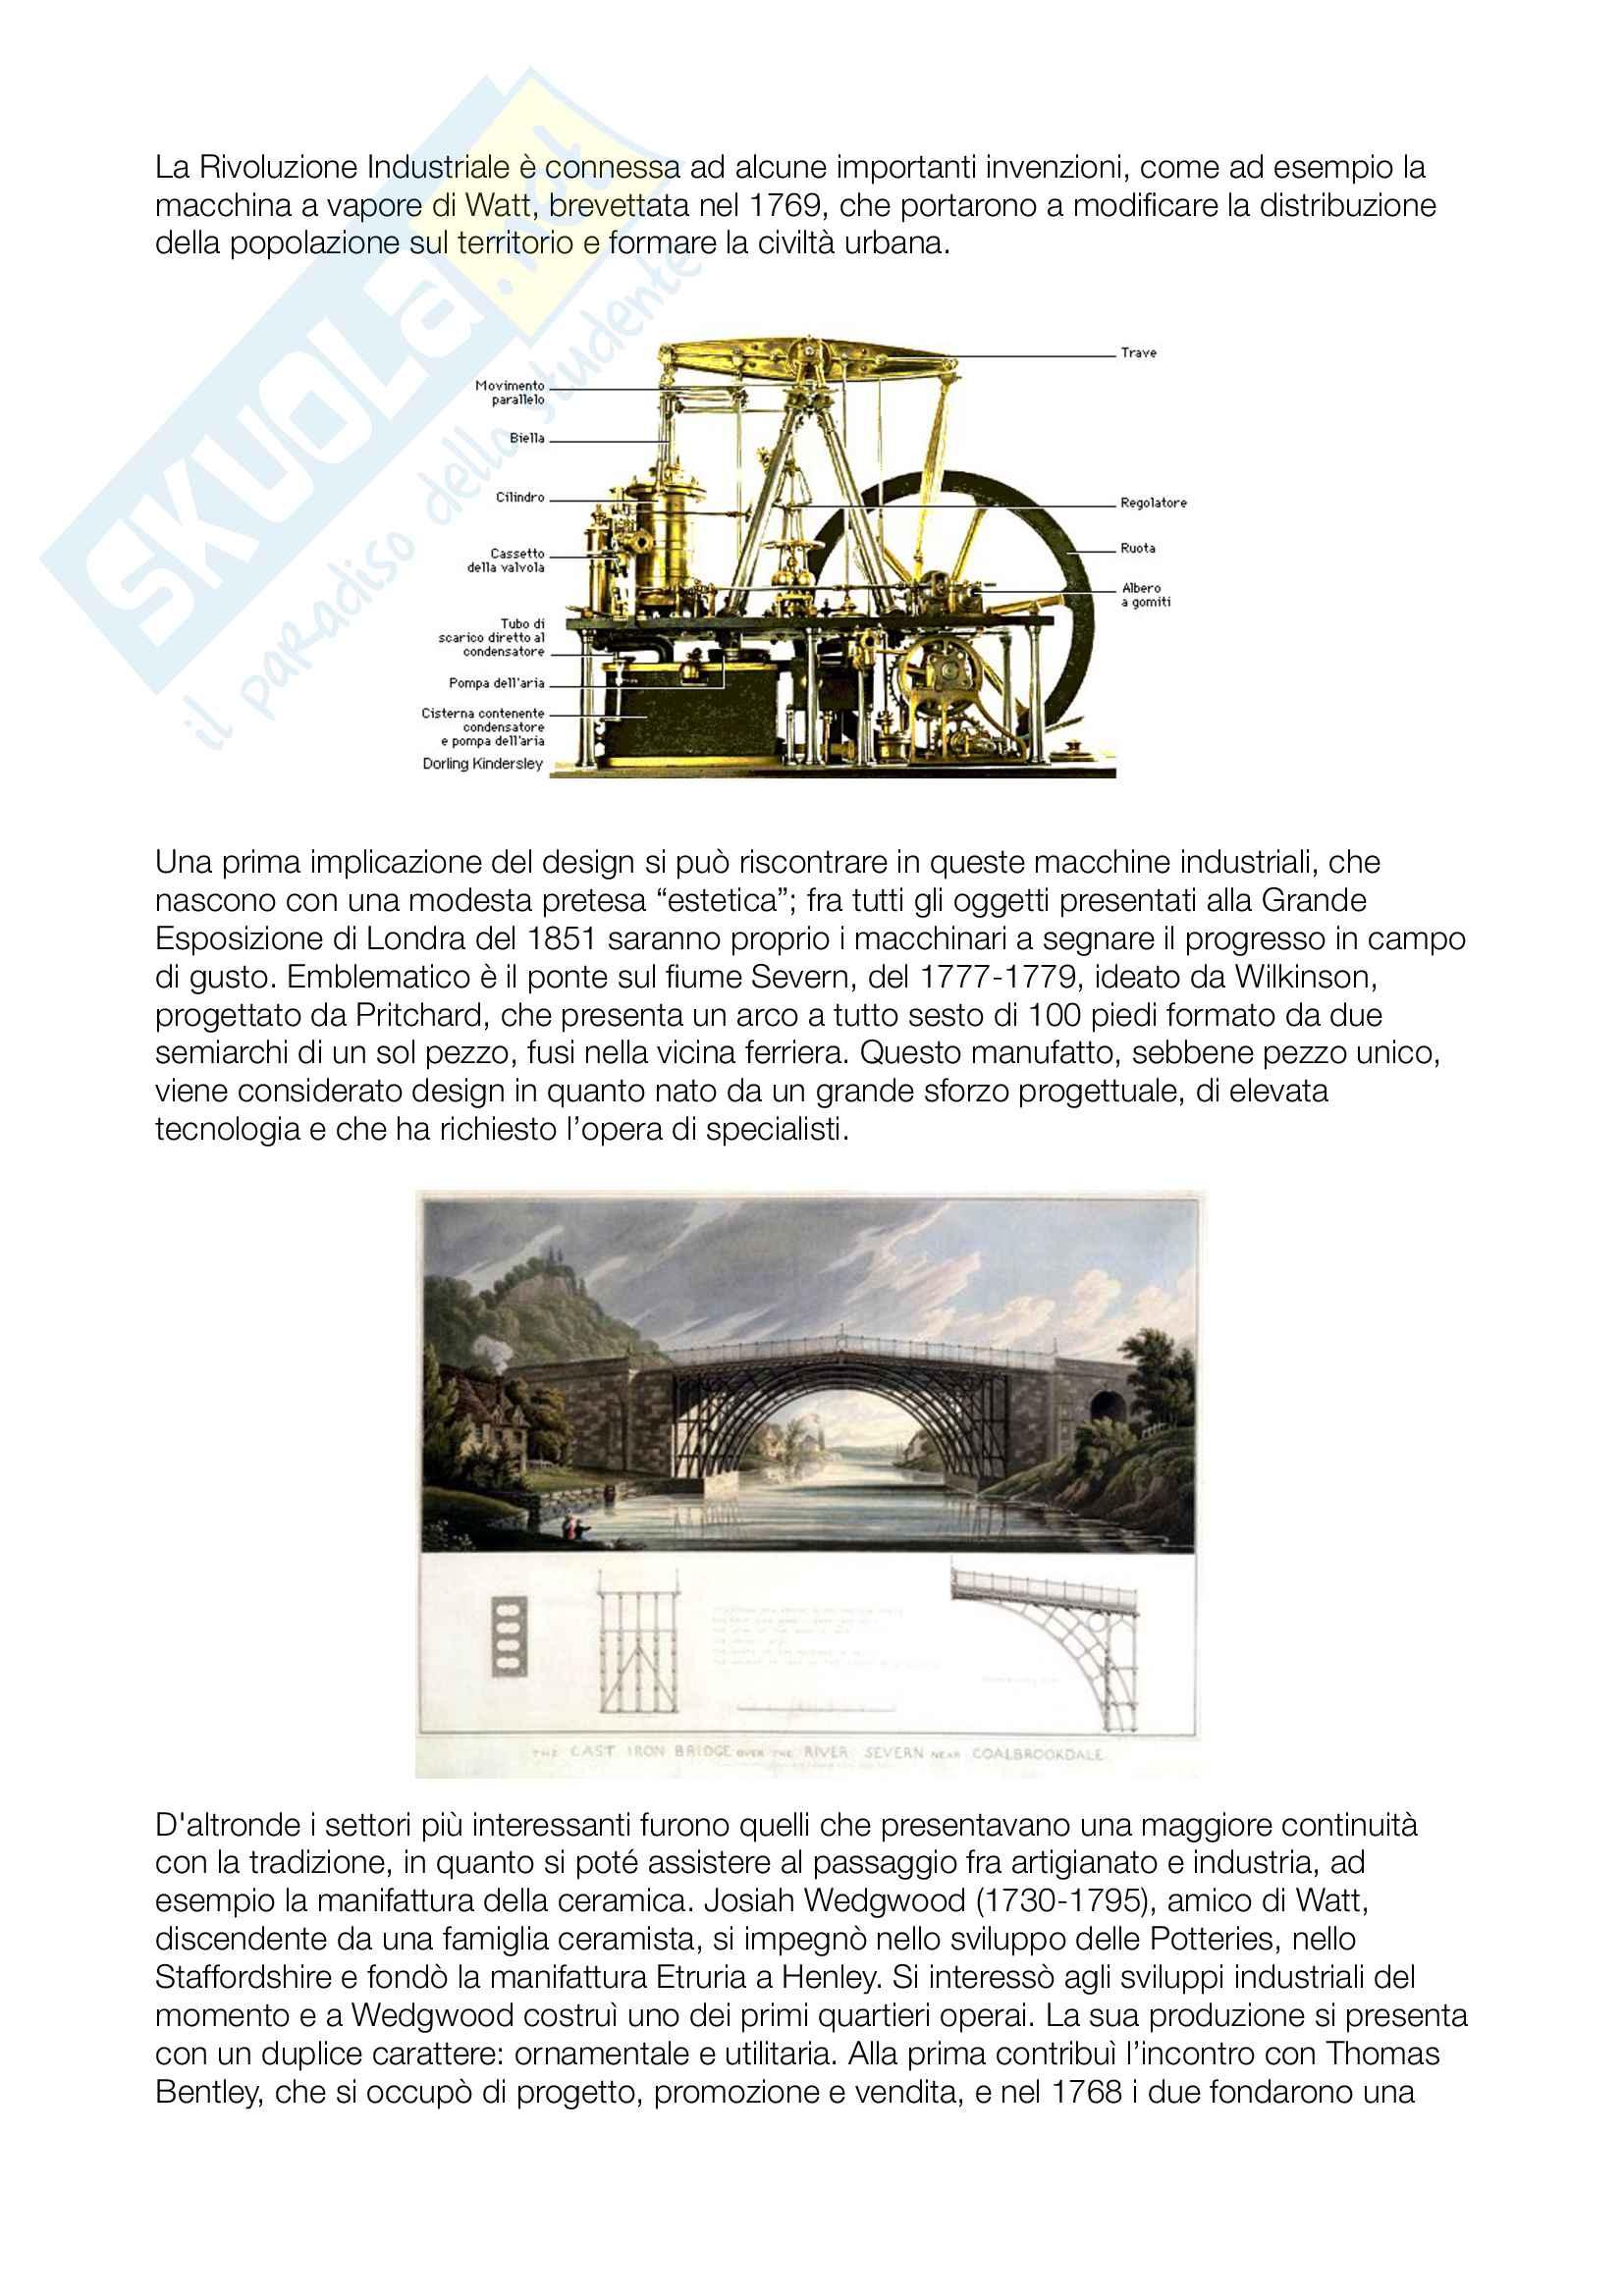 Storia del design grafico e del design industriale Pag. 2